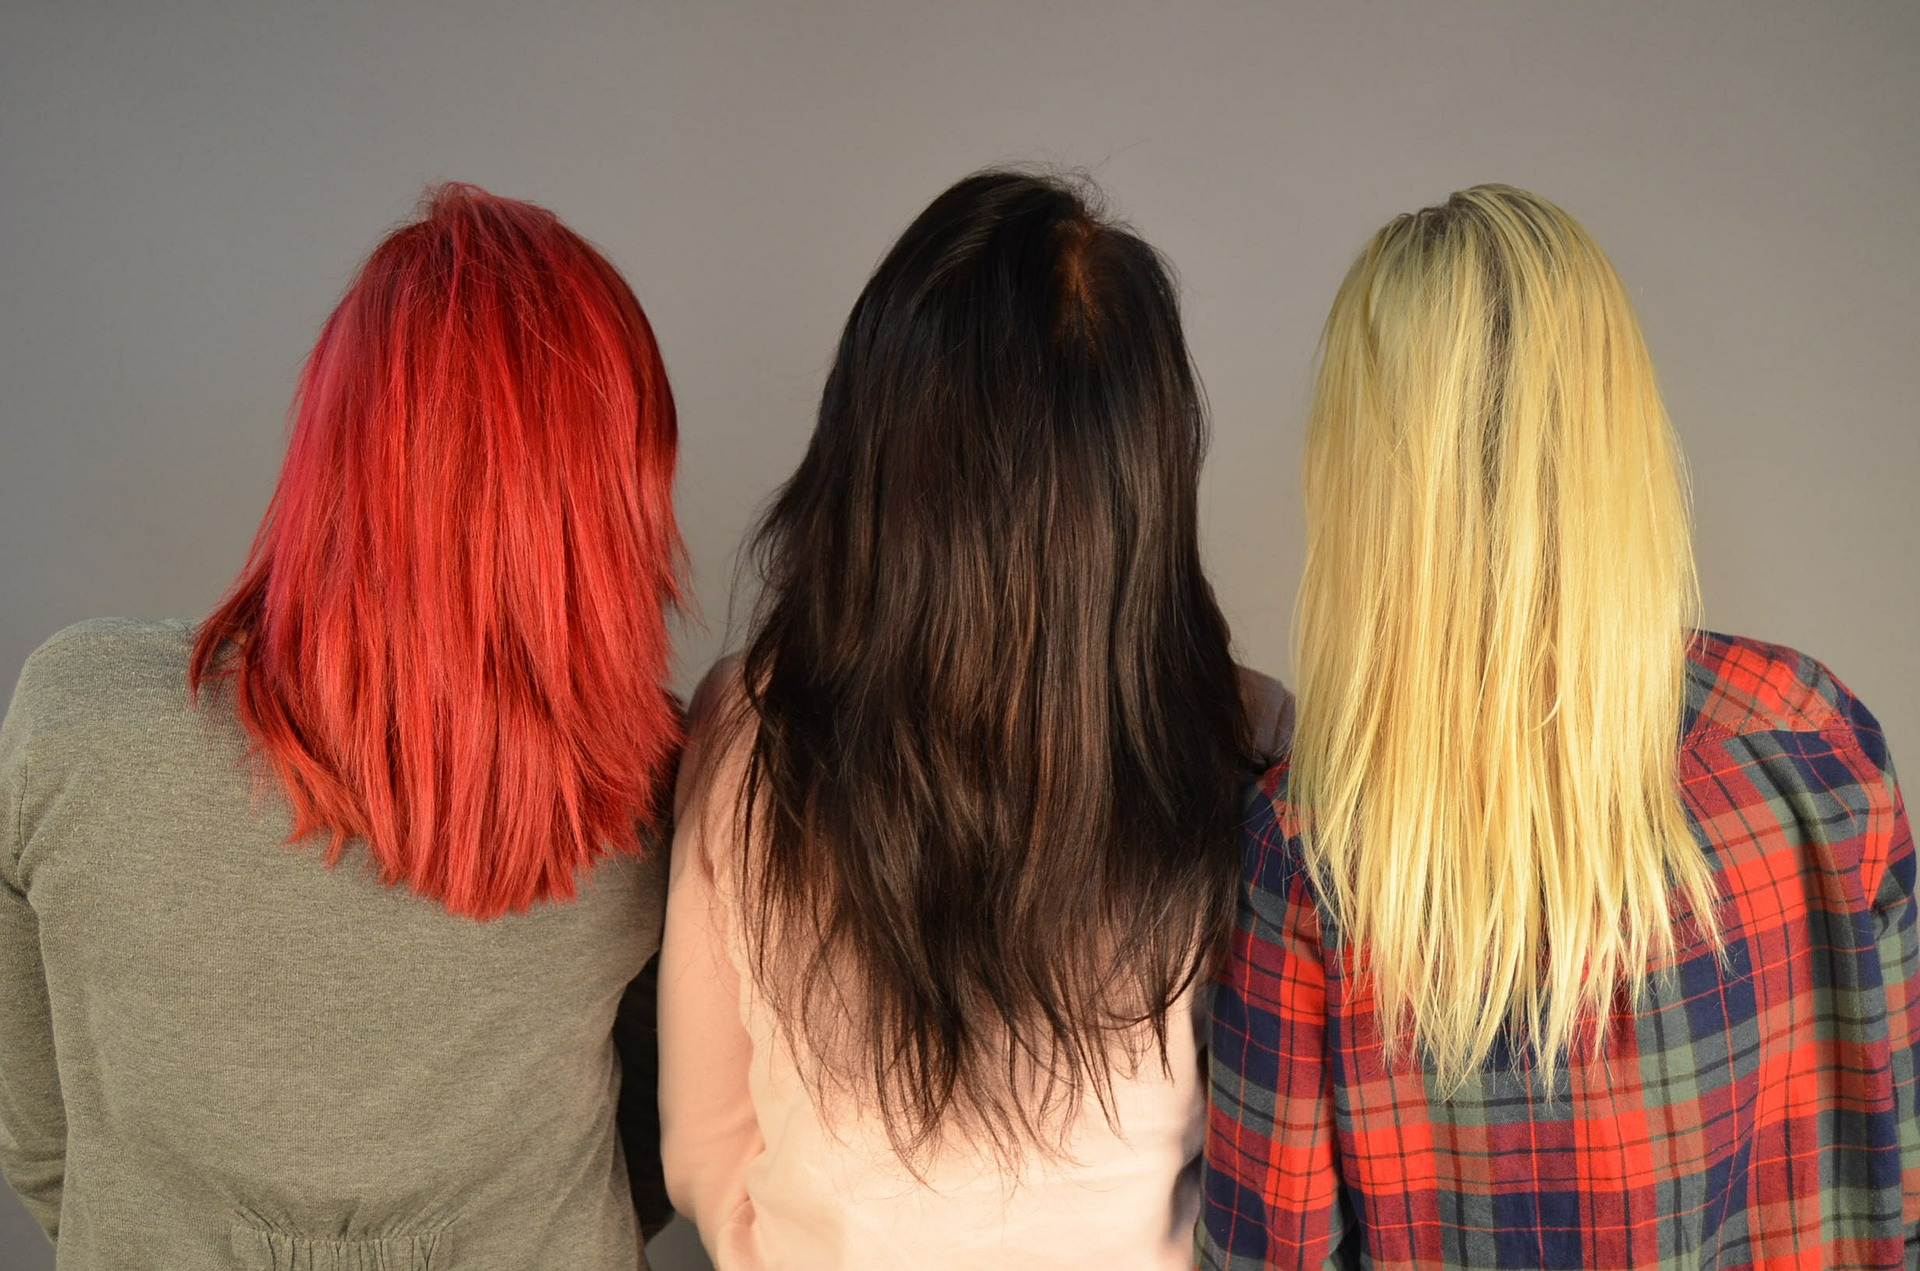 Vlasové trápení: Barvené vlasy